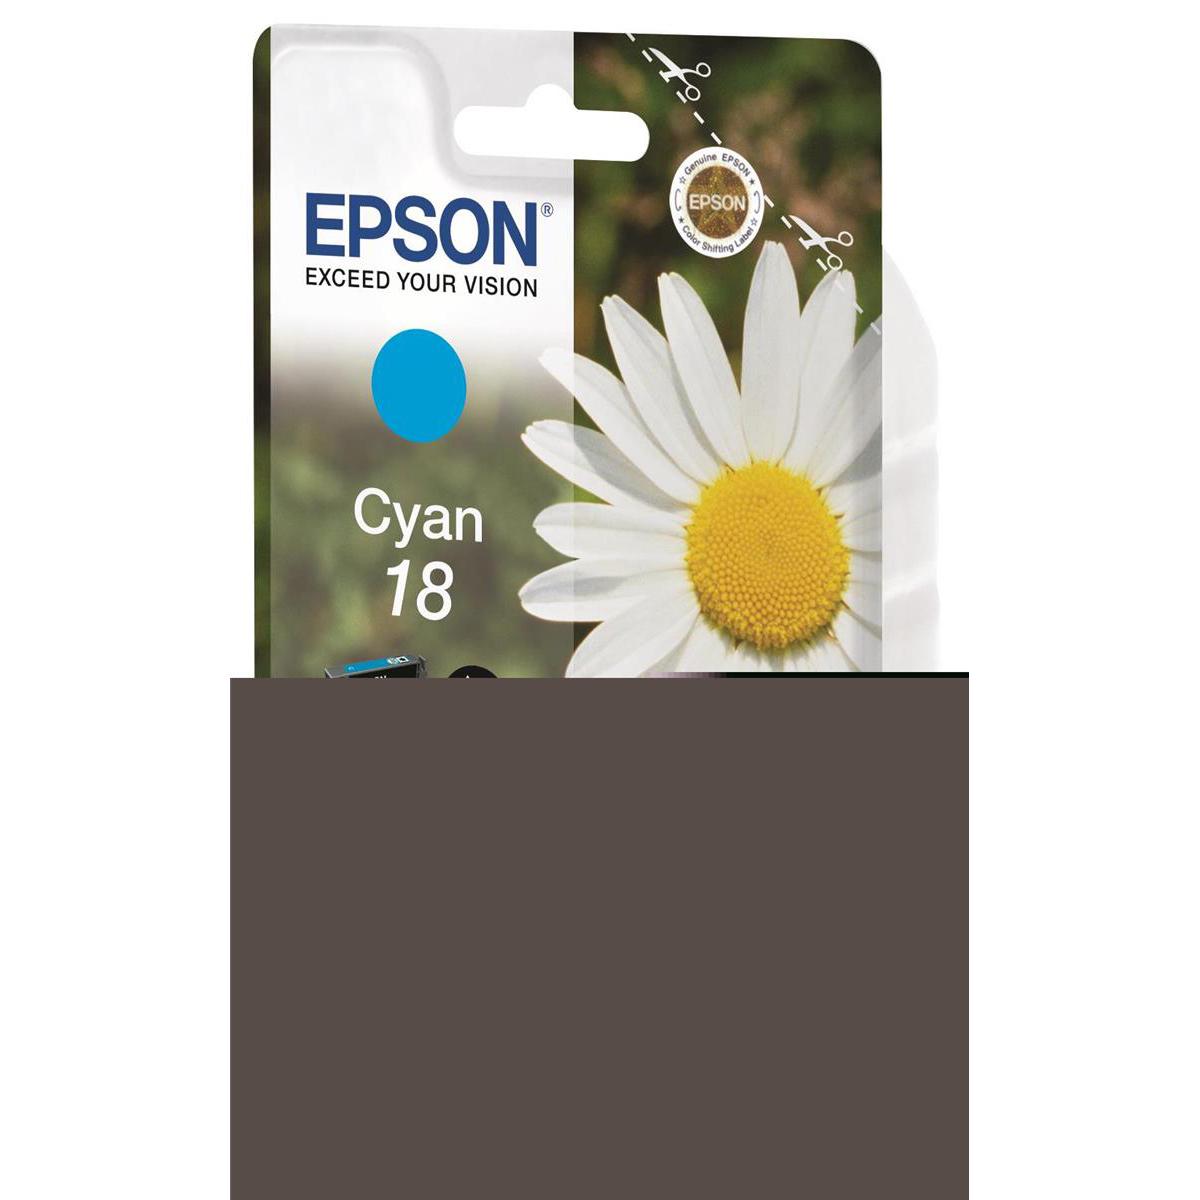 Epson 18 Inkjet Cartridge Daisy Page Life 180pp 3.3ml Cyan Ref C13T18024012